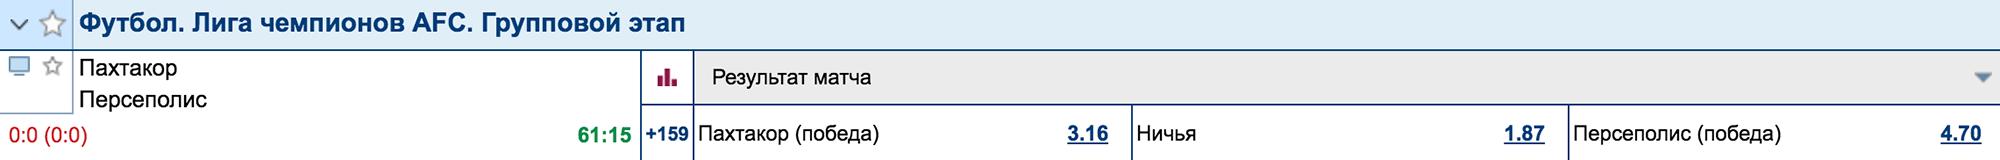 В линии на этот матч коэффициент на победу «Пахтакора» — 3,16 на победу «Персеполиса» — 4,7, а на ничью — 1,87. Если мы поставим 100 рублей на победу «Пахтакора», и он победит, то получим на руки 100 × 3,16 = 316<span class=ruble>Р</span>. Из них 100 рублей — наша ставка, поэтому реальный плюс — 216<span class=ruble>Р</span>. Если мы не угадали результат, ставка уходит букмекеру